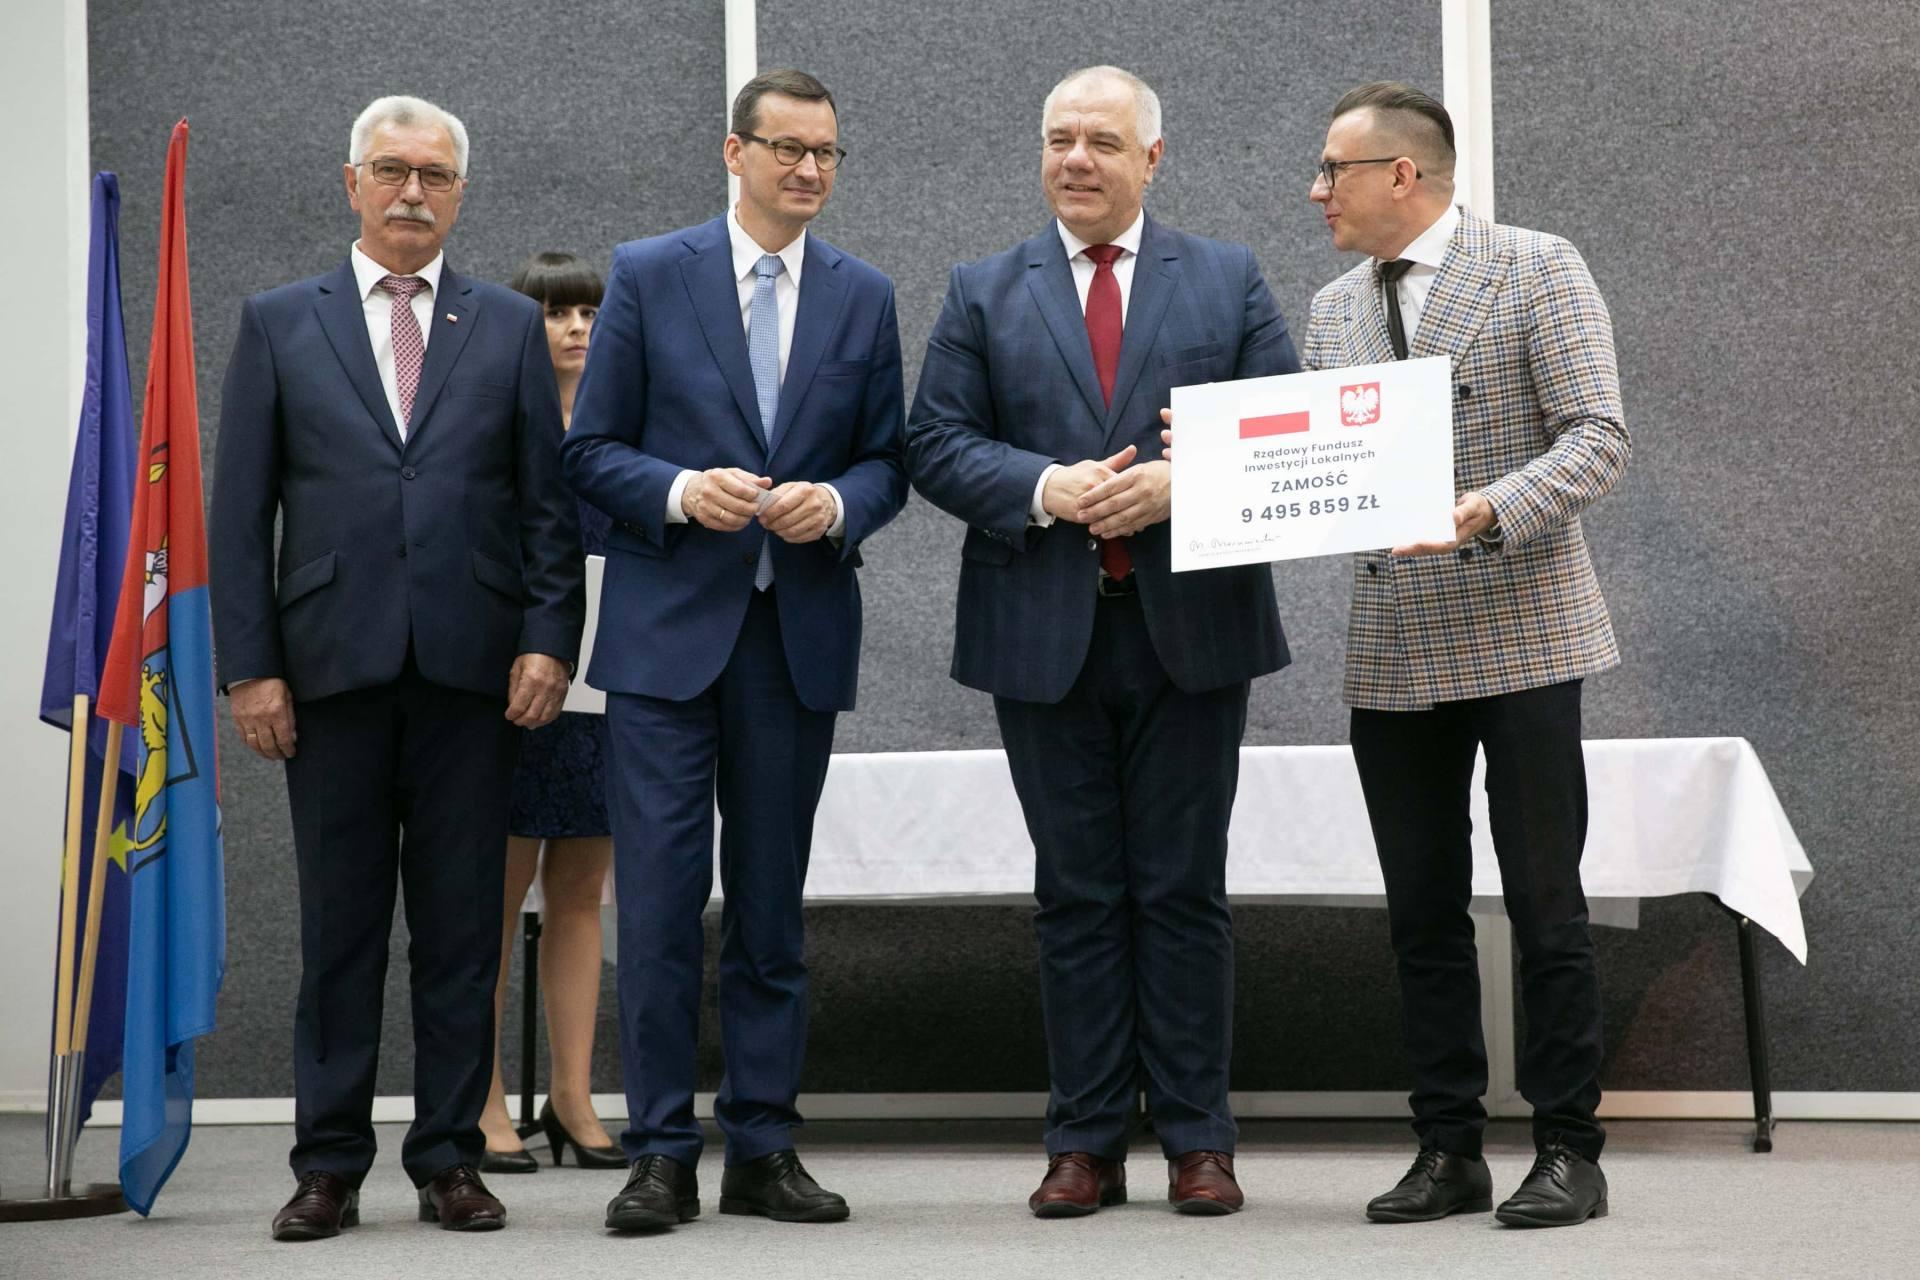 premier morawiecki w zamosciu 32 Premier Mateusz Morawiecki spotkał się z samorządowcami z Zamojszczyzny [ZDJĘCIA]